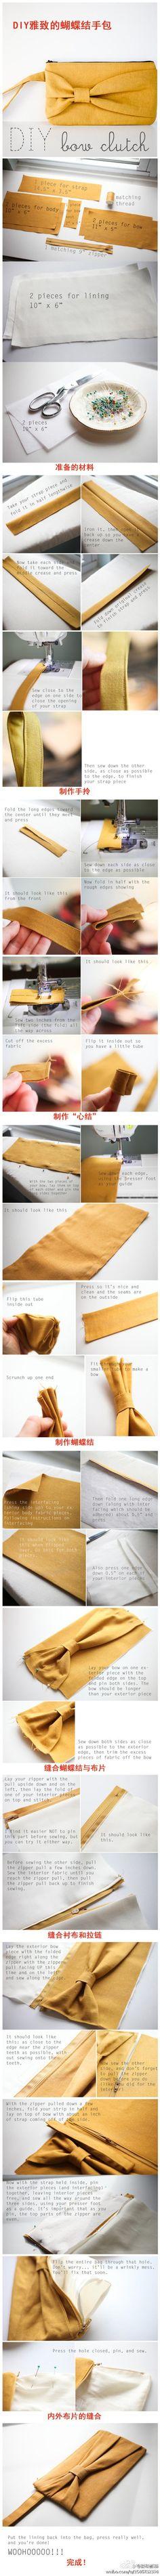 Compartilhar curva cute bolsa DIY tutorial, ultra-detalhado